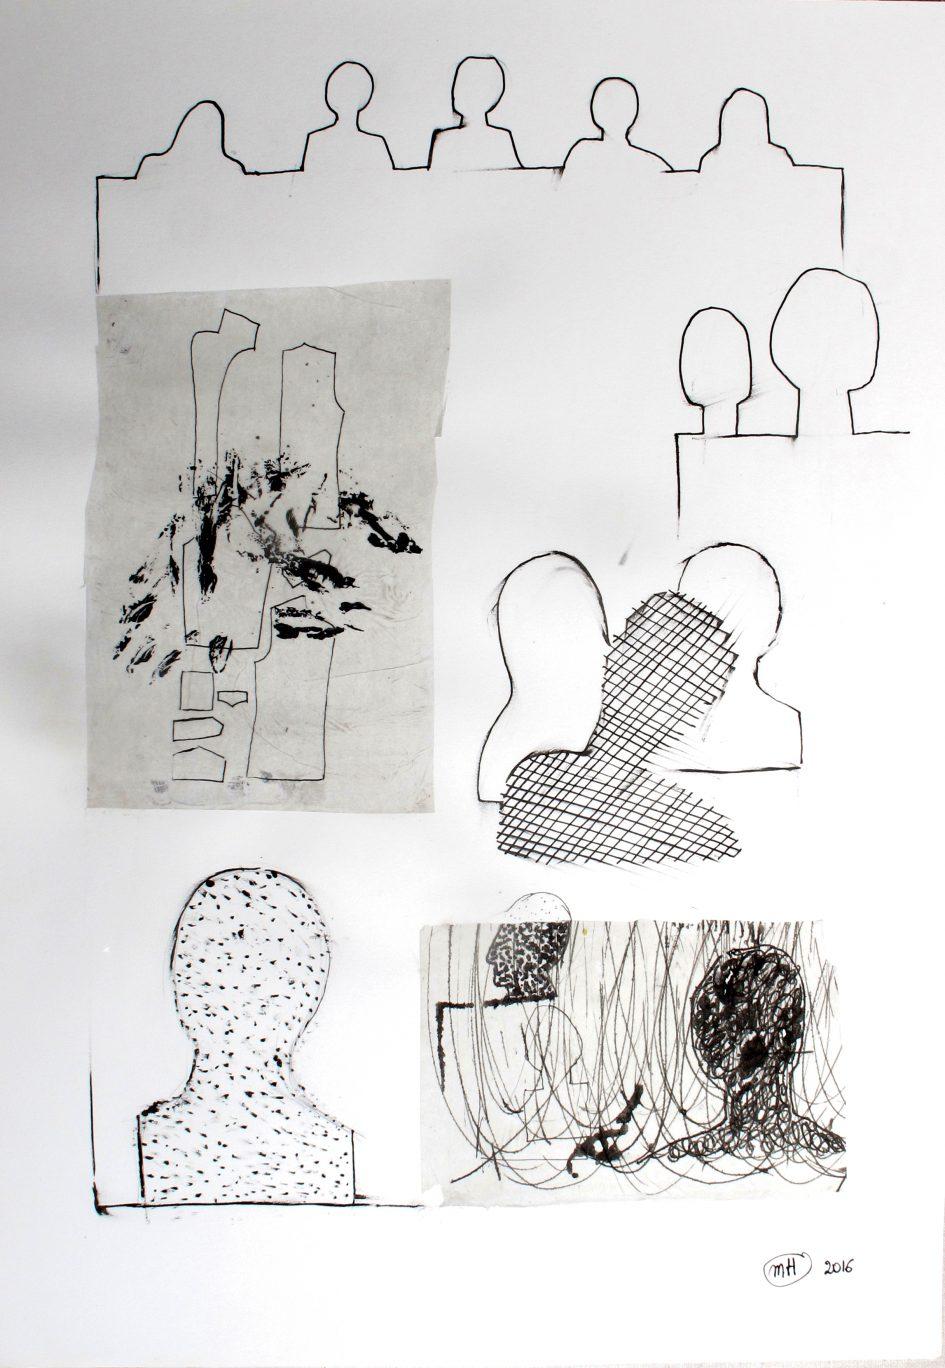 sans titre  2016 encre de chine sur papier 59,4x42cm